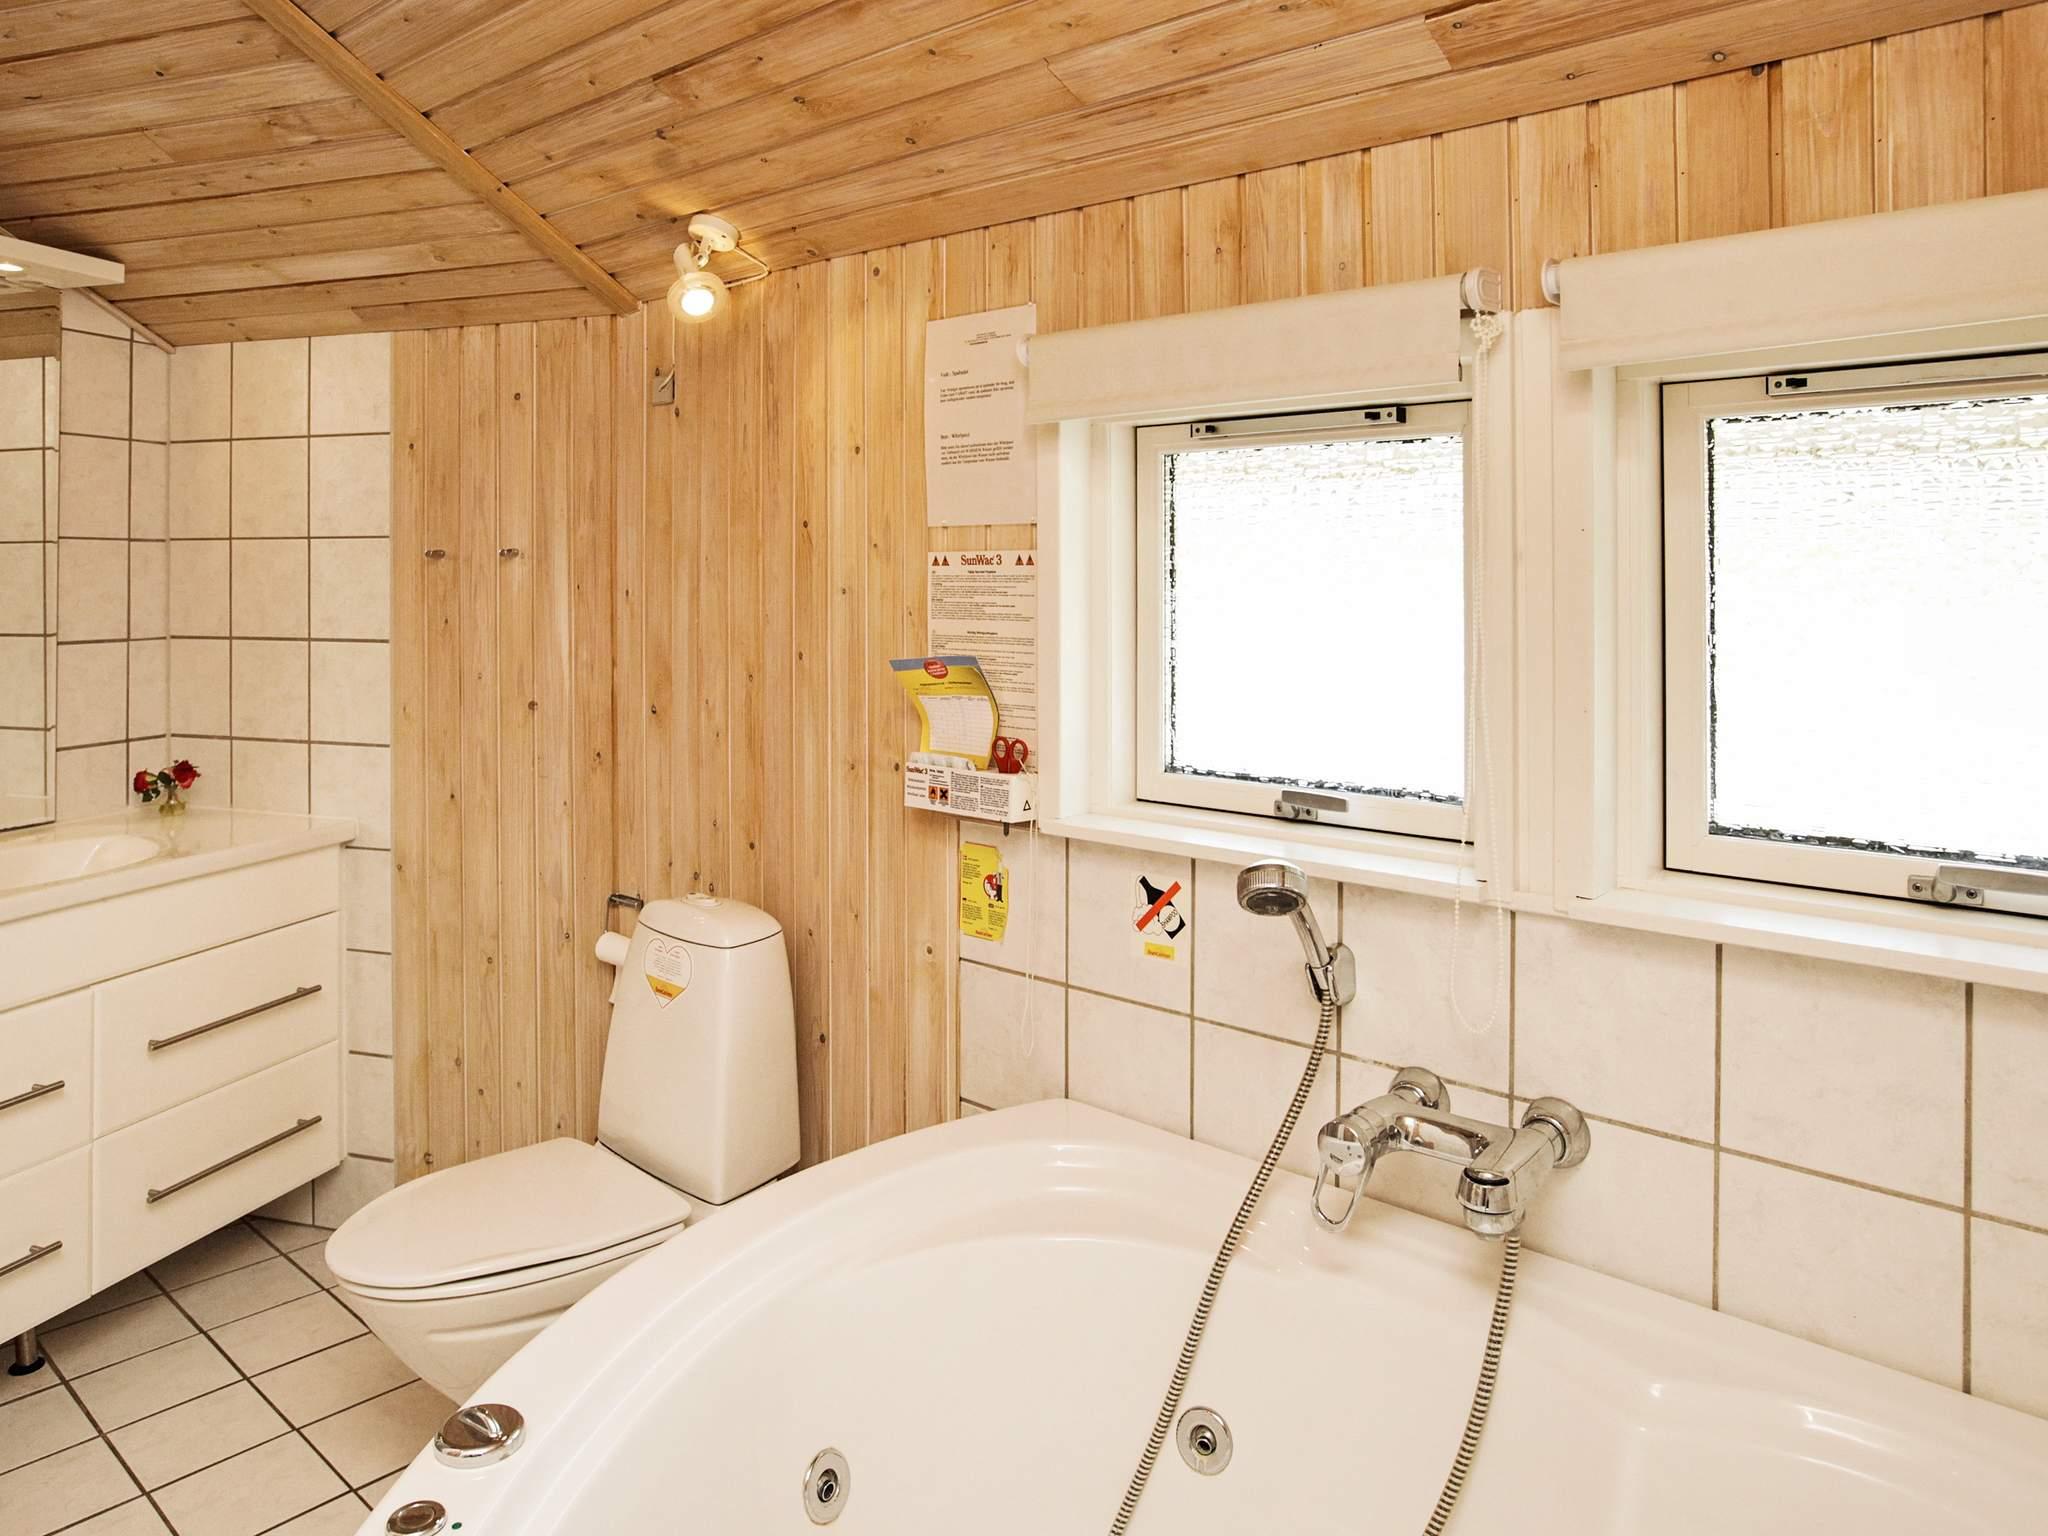 Ferienhaus Falsled (87545), Faldsled, , Fünen, Dänemark, Bild 6